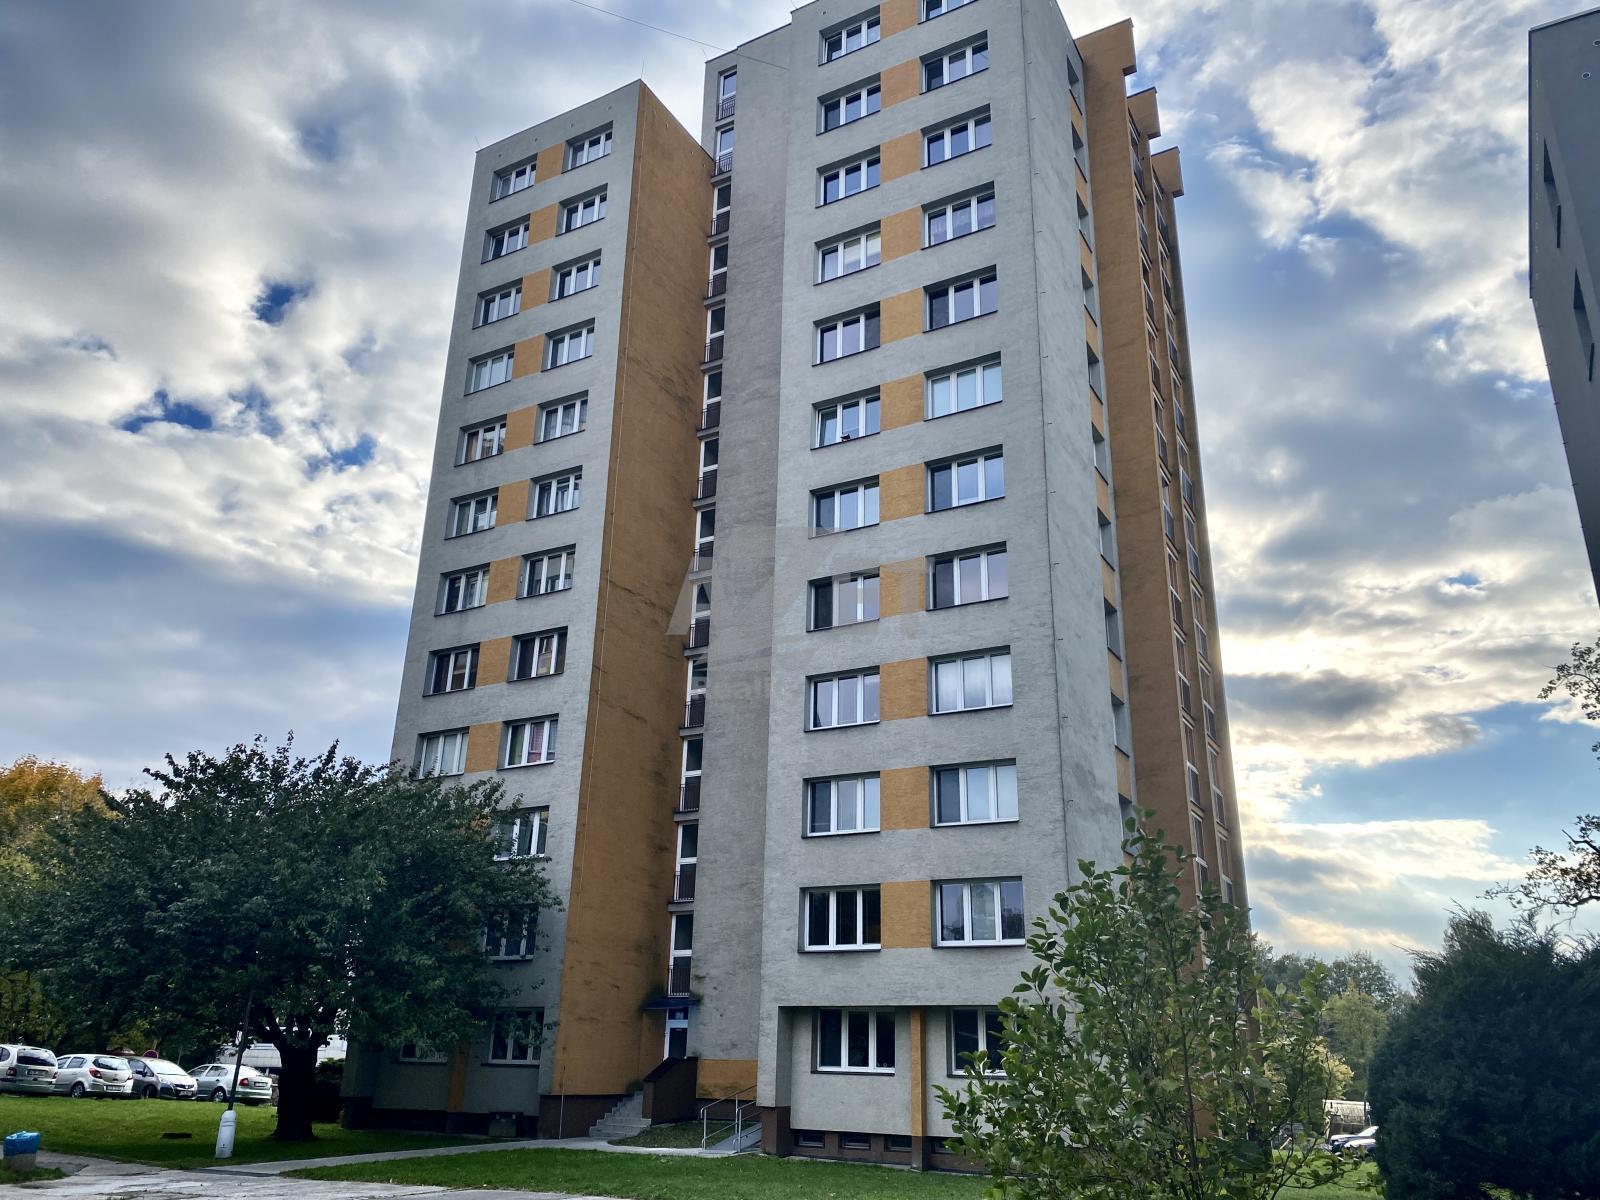 Prodej, byt 1+1, 45 m2, Orlová - Lutyně, ul. Polní